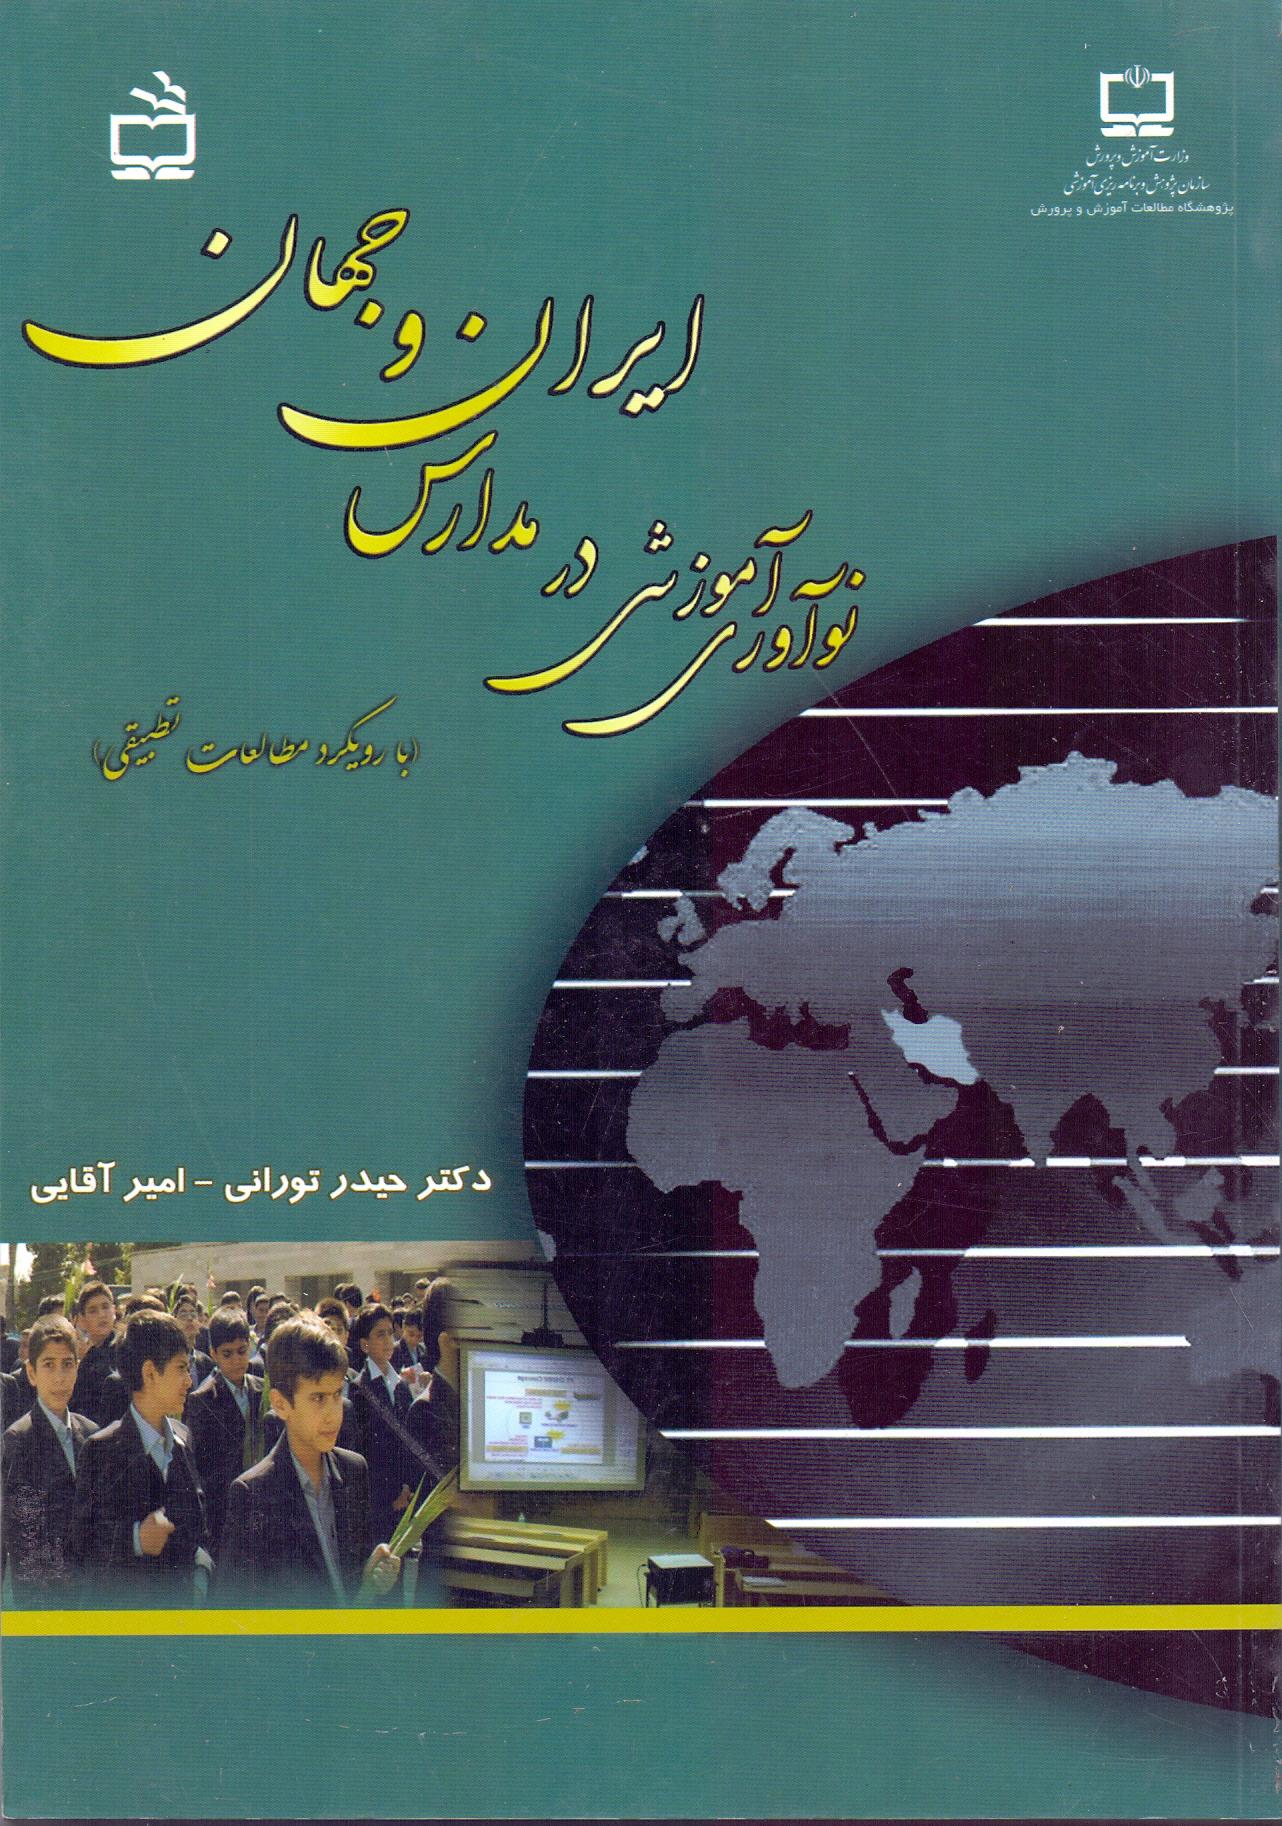 نوآوری آموزشی در مدارس ایران و جهان (با رویکرد مطالعات تطبیقی)